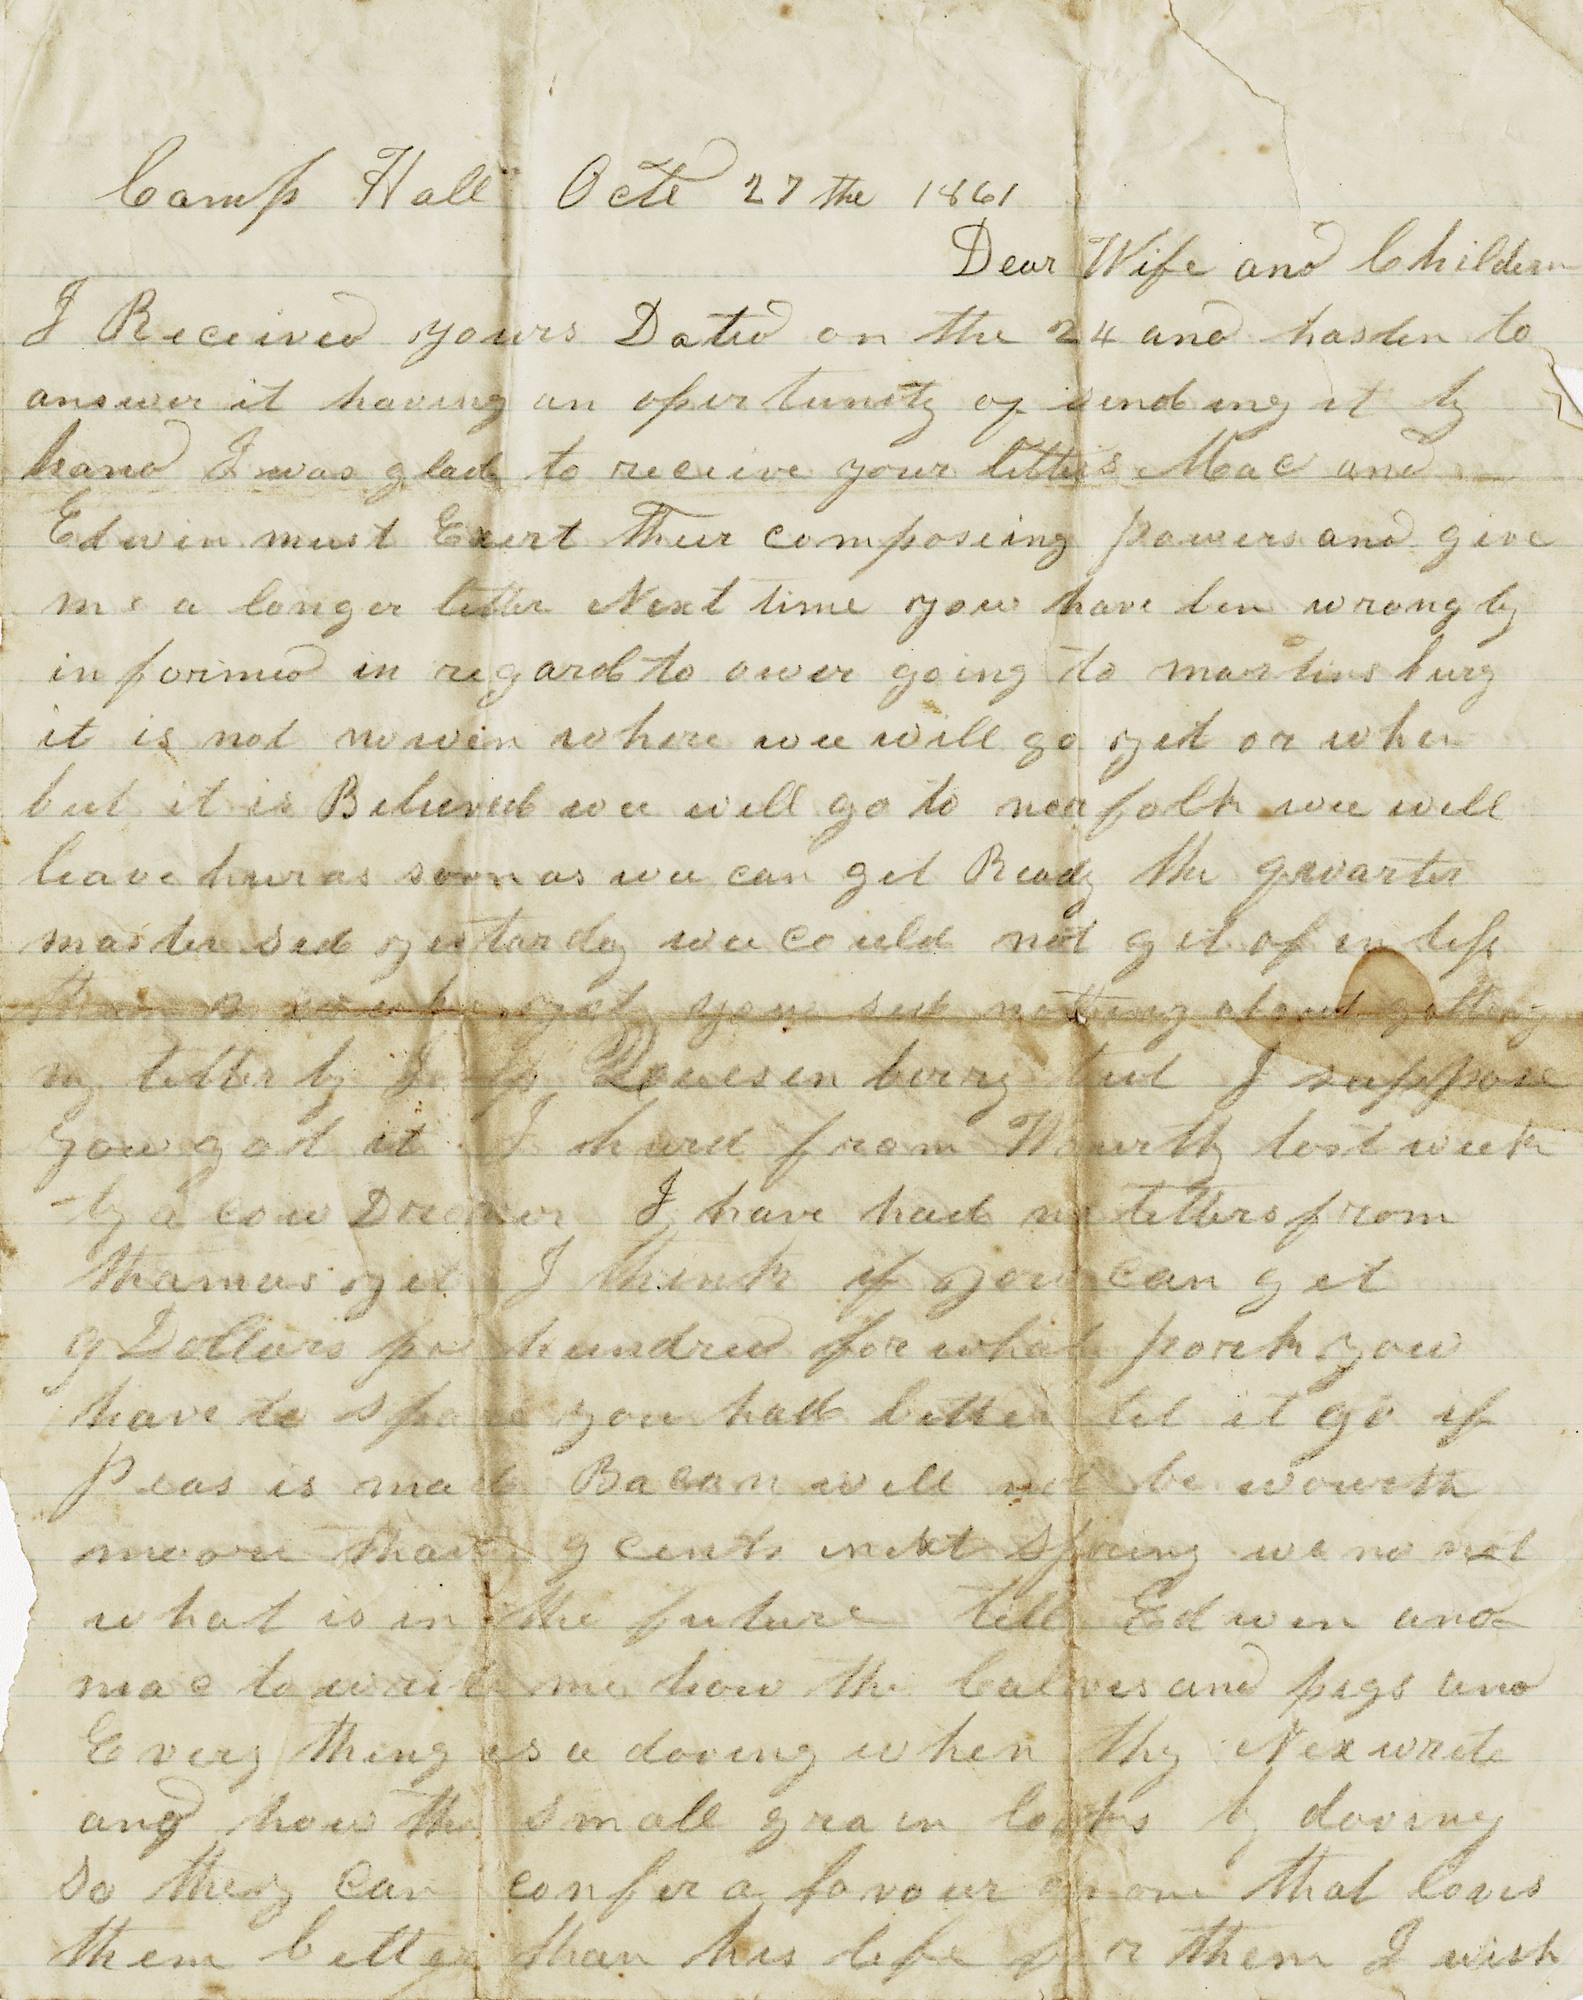 Ms2009-112_CarnahanJohnNewton_Letter_1861_1027a.jpg